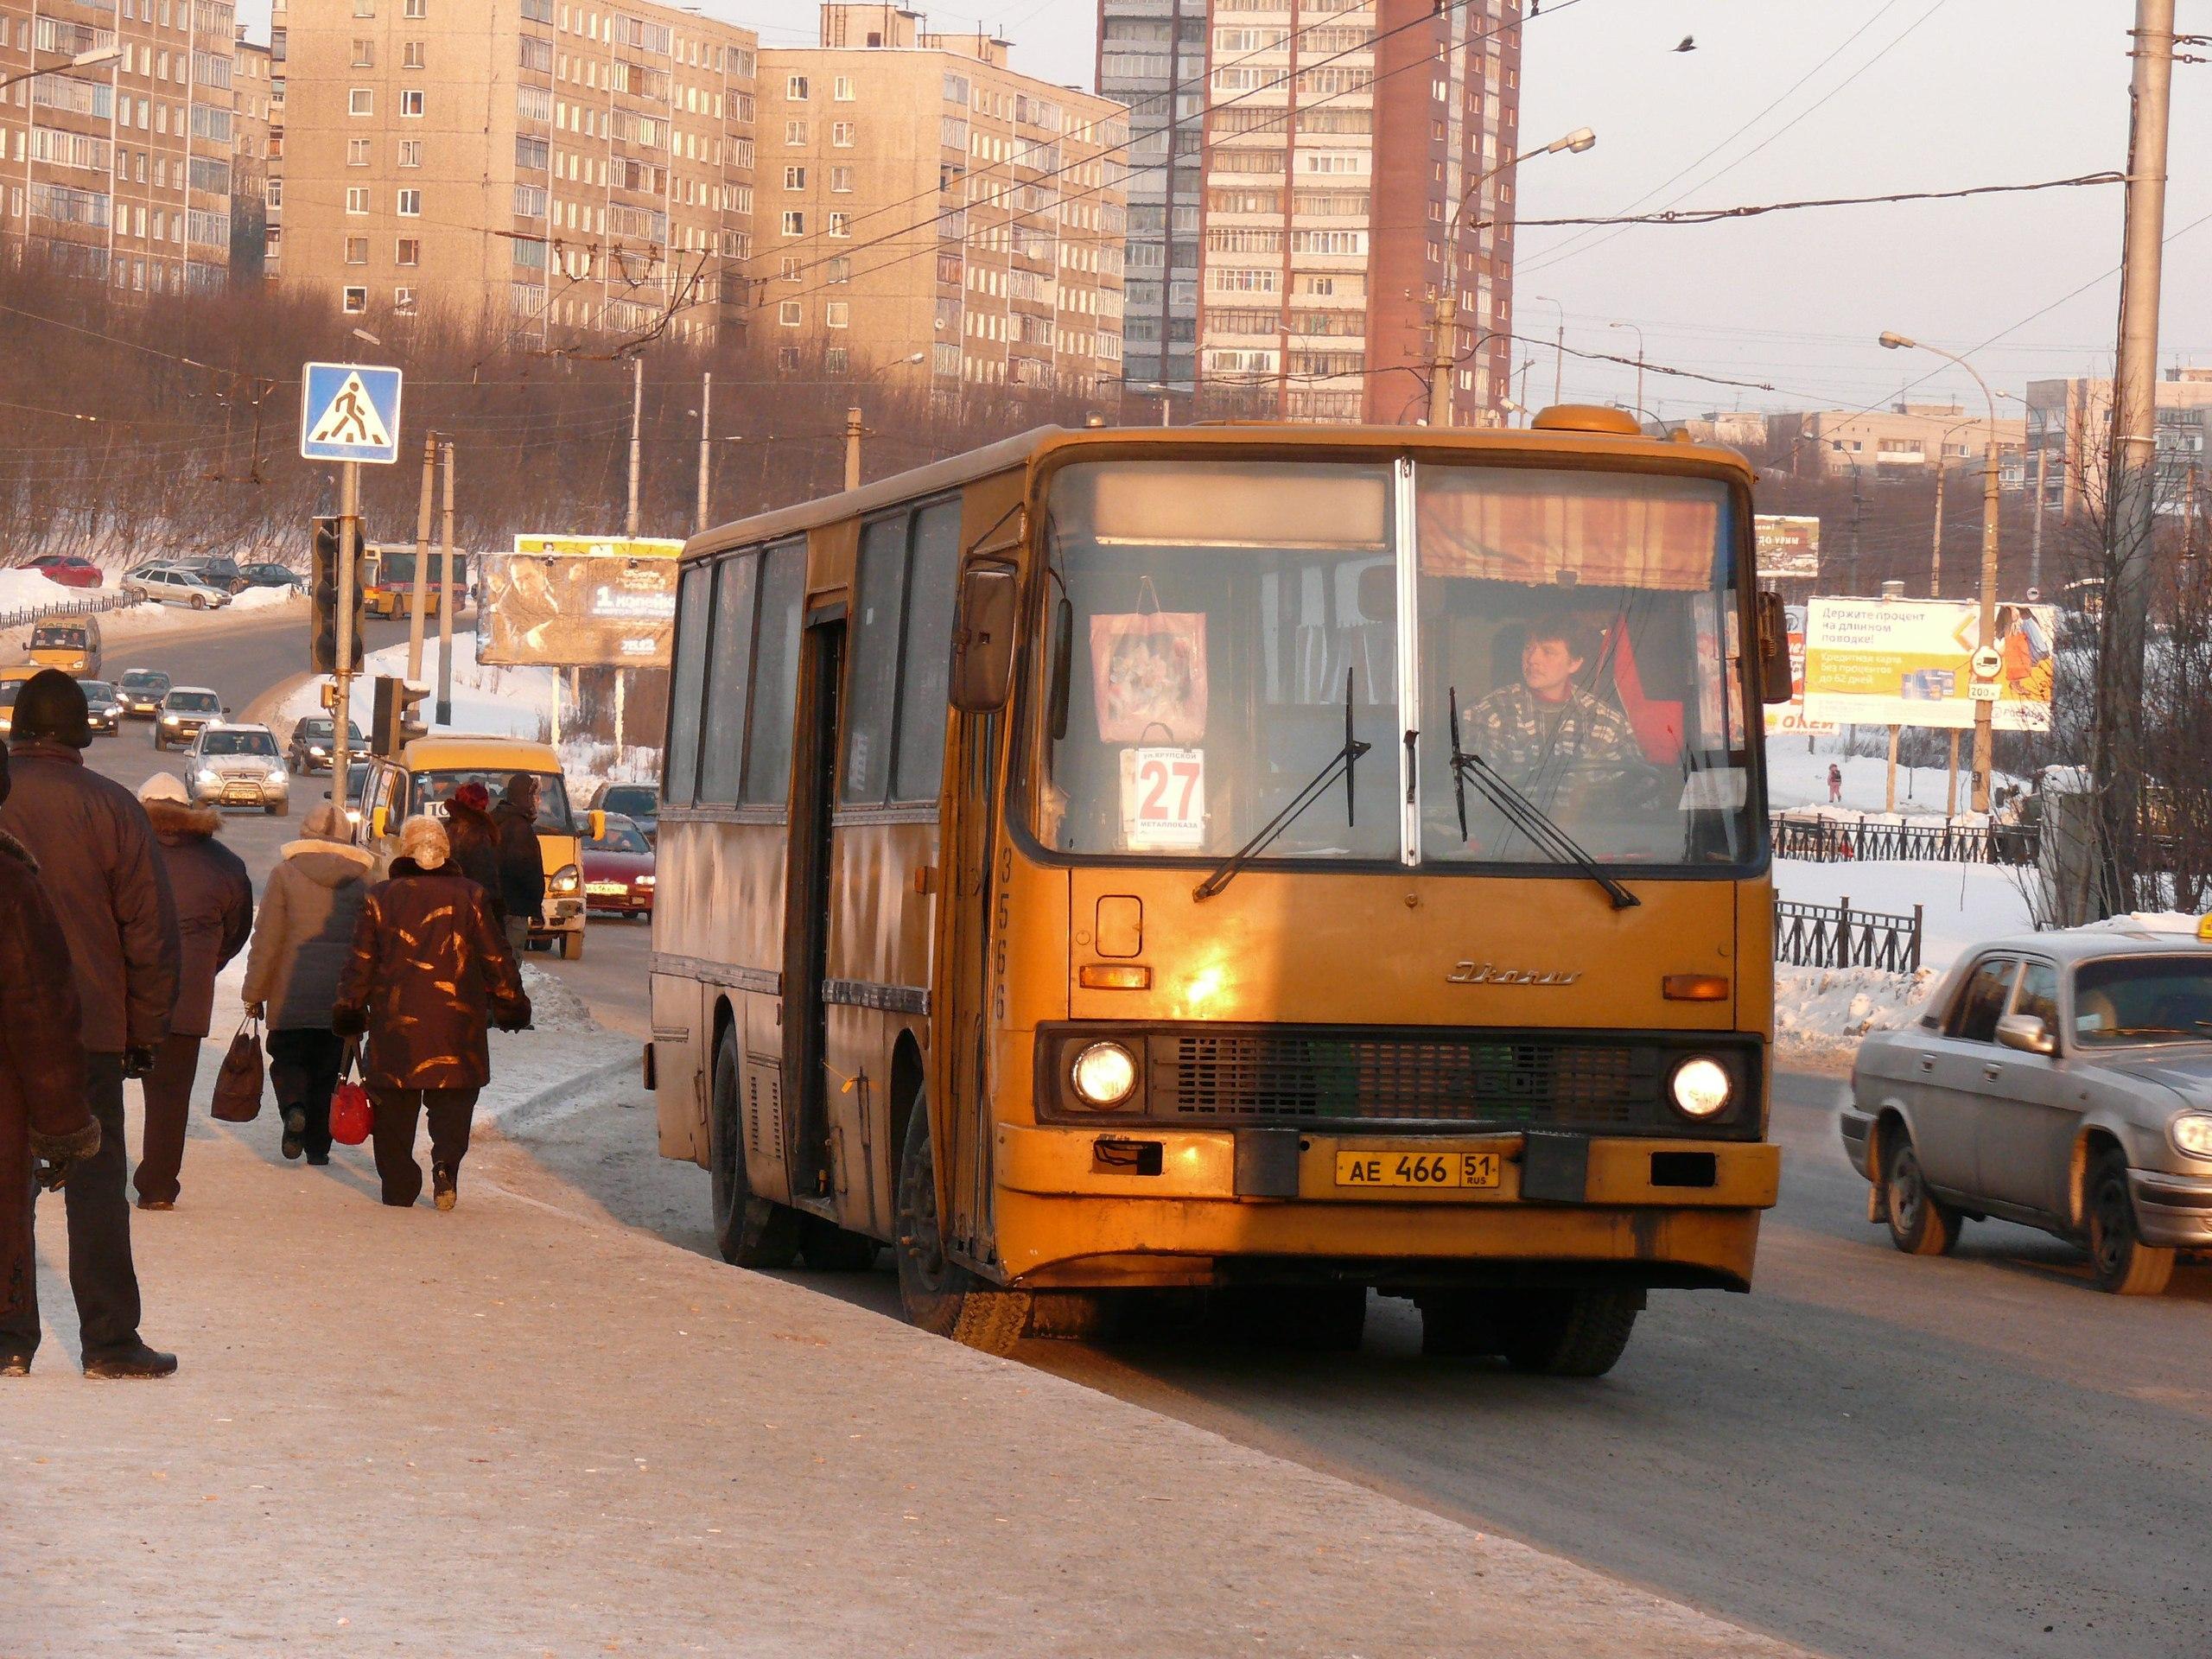 Вновом году поездка вобщественном транспорте Заполярья будет стоить 28 руб.